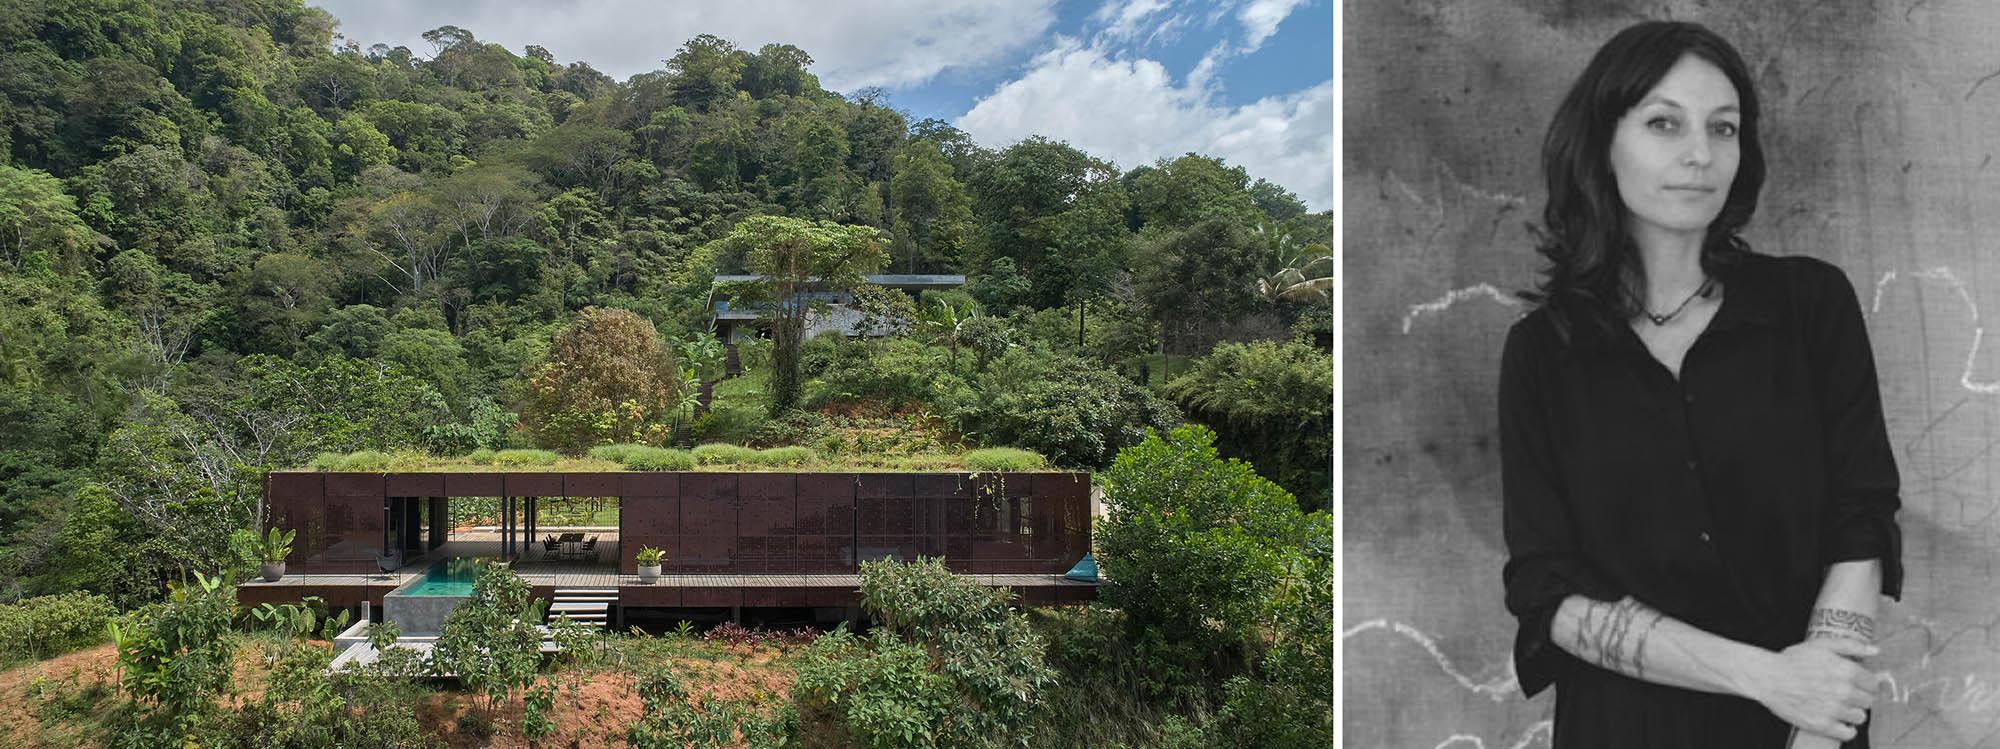 Trái: Biệt thự Nghệ thuật | Atelier Villa, Pérez Zeledón, Costa Rica, Người chiến thắng giải A + năm 2020 trong hạng mục Nhà ở - Nhà riêng lớn; Phải: Dagmar Štěpánová qua ArchTV